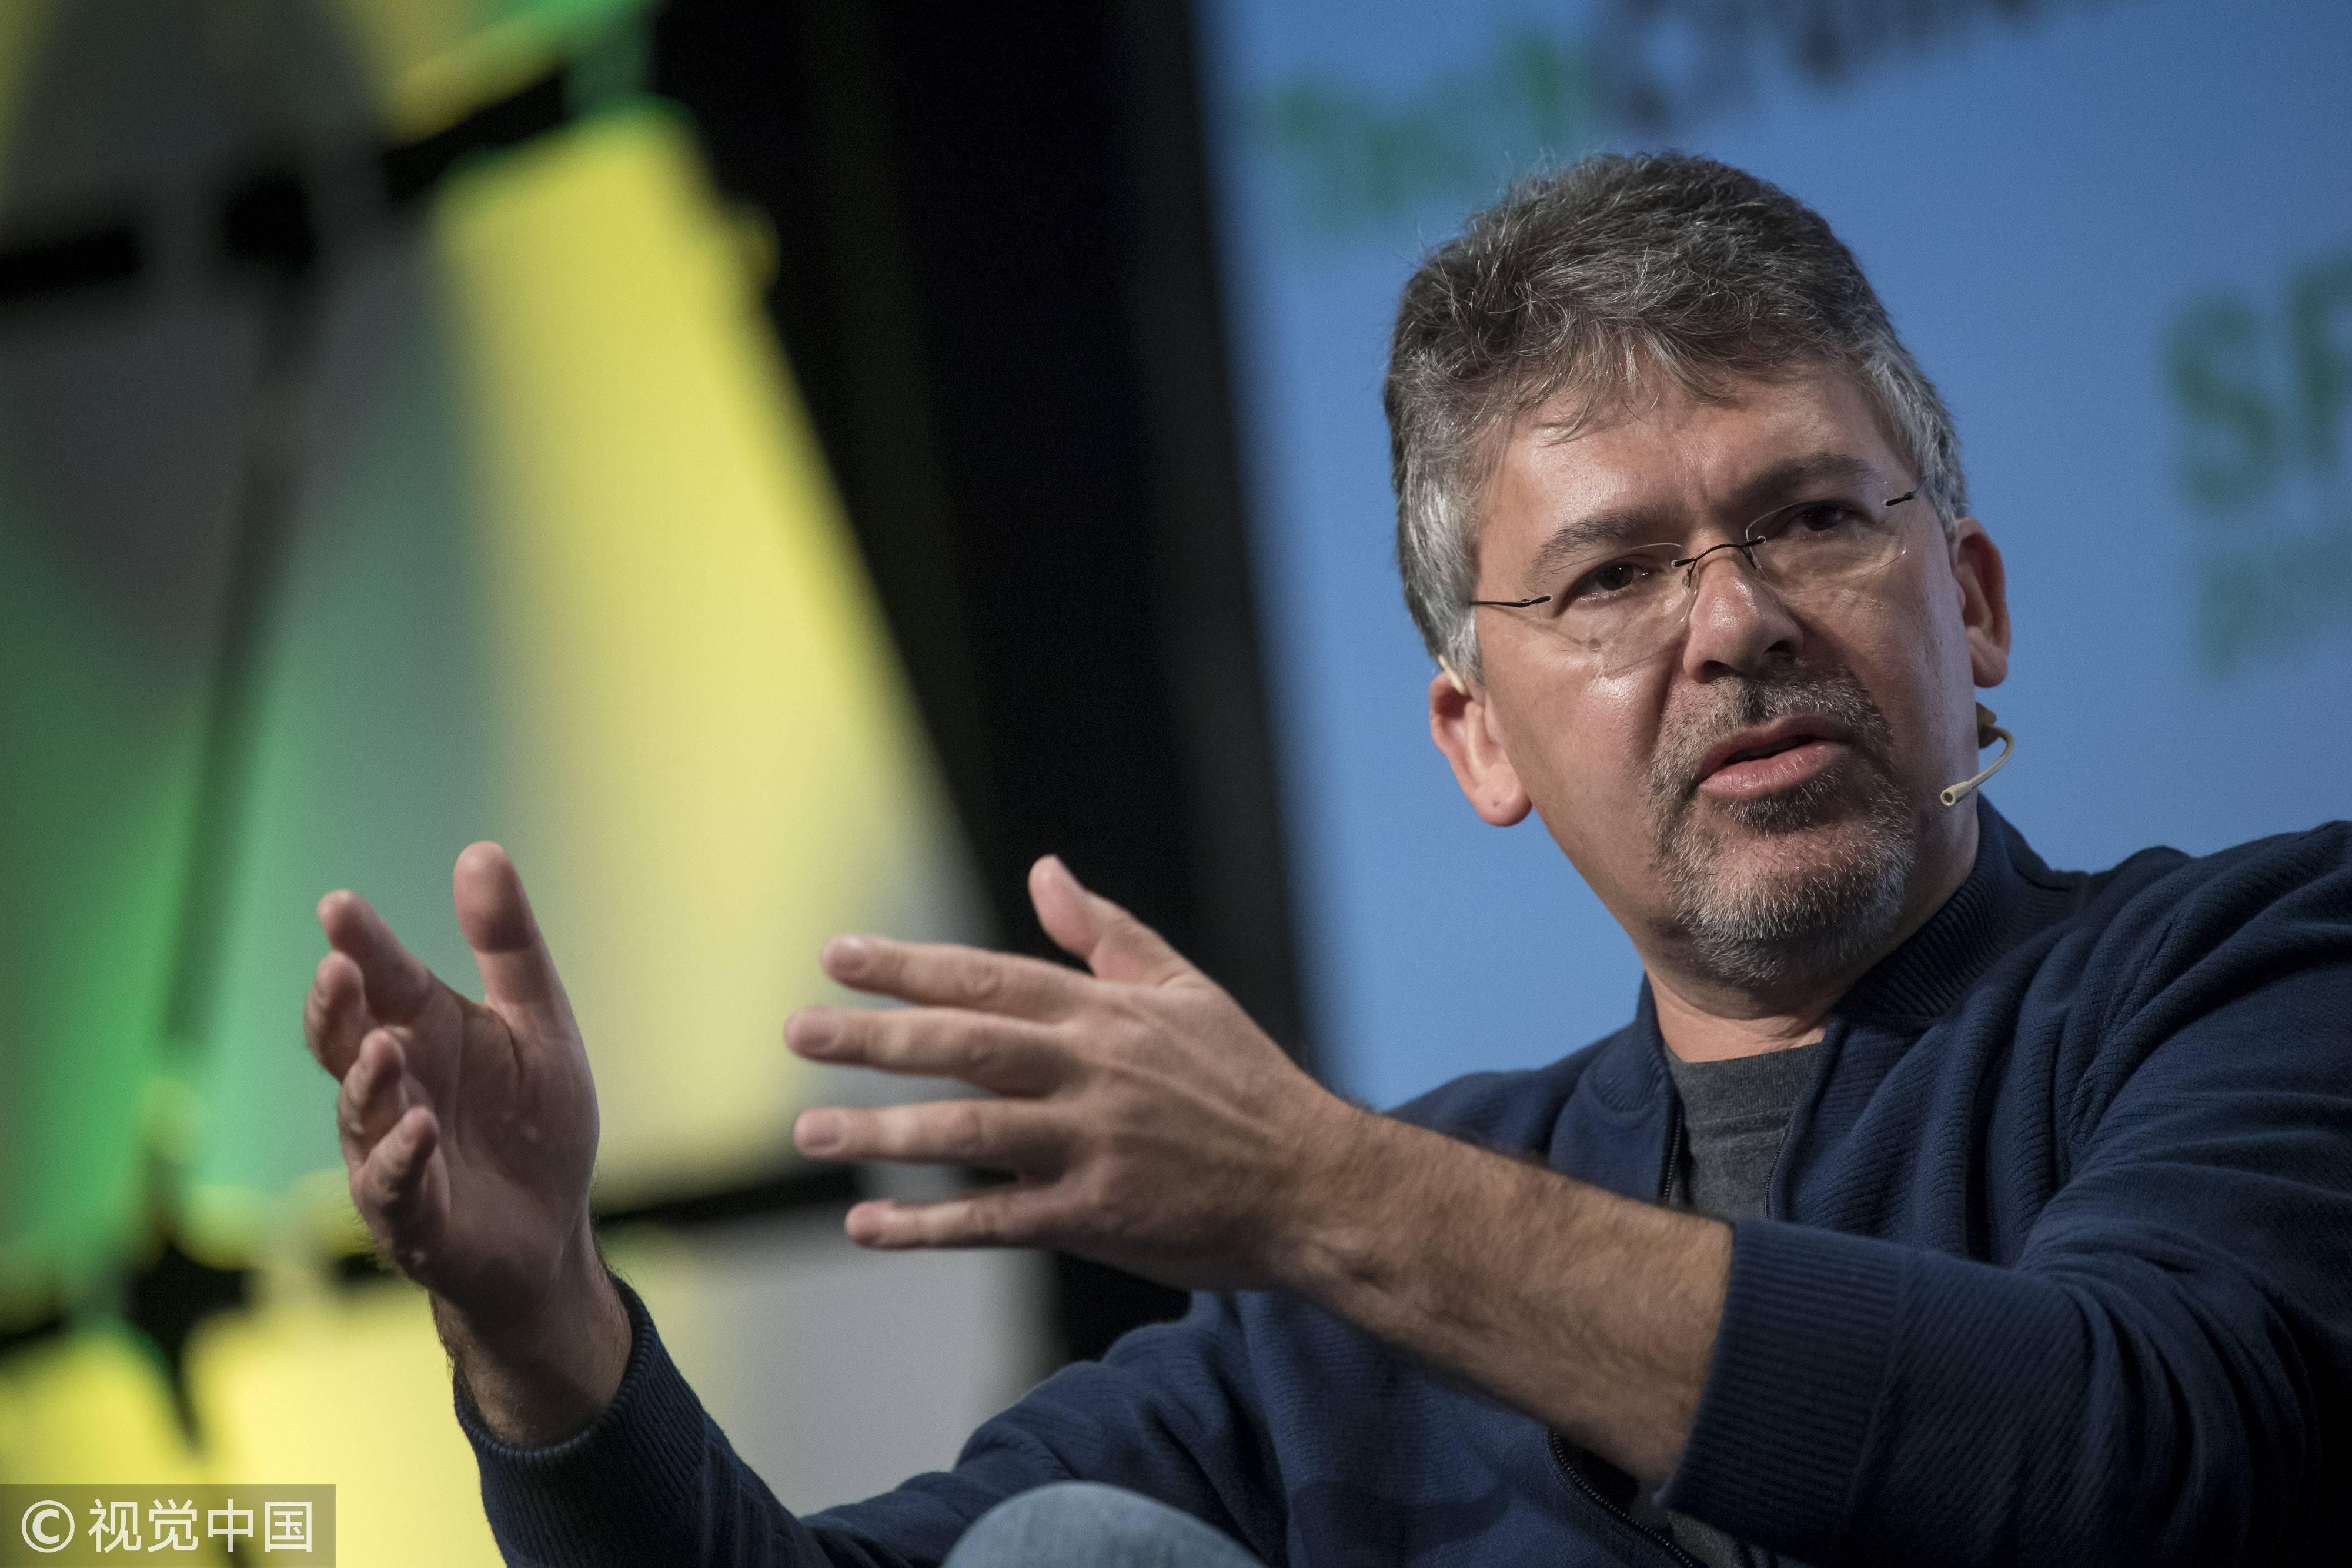 前 Google AI 負責人加入蘋果,Apple的人工智慧終於要玩真的了!